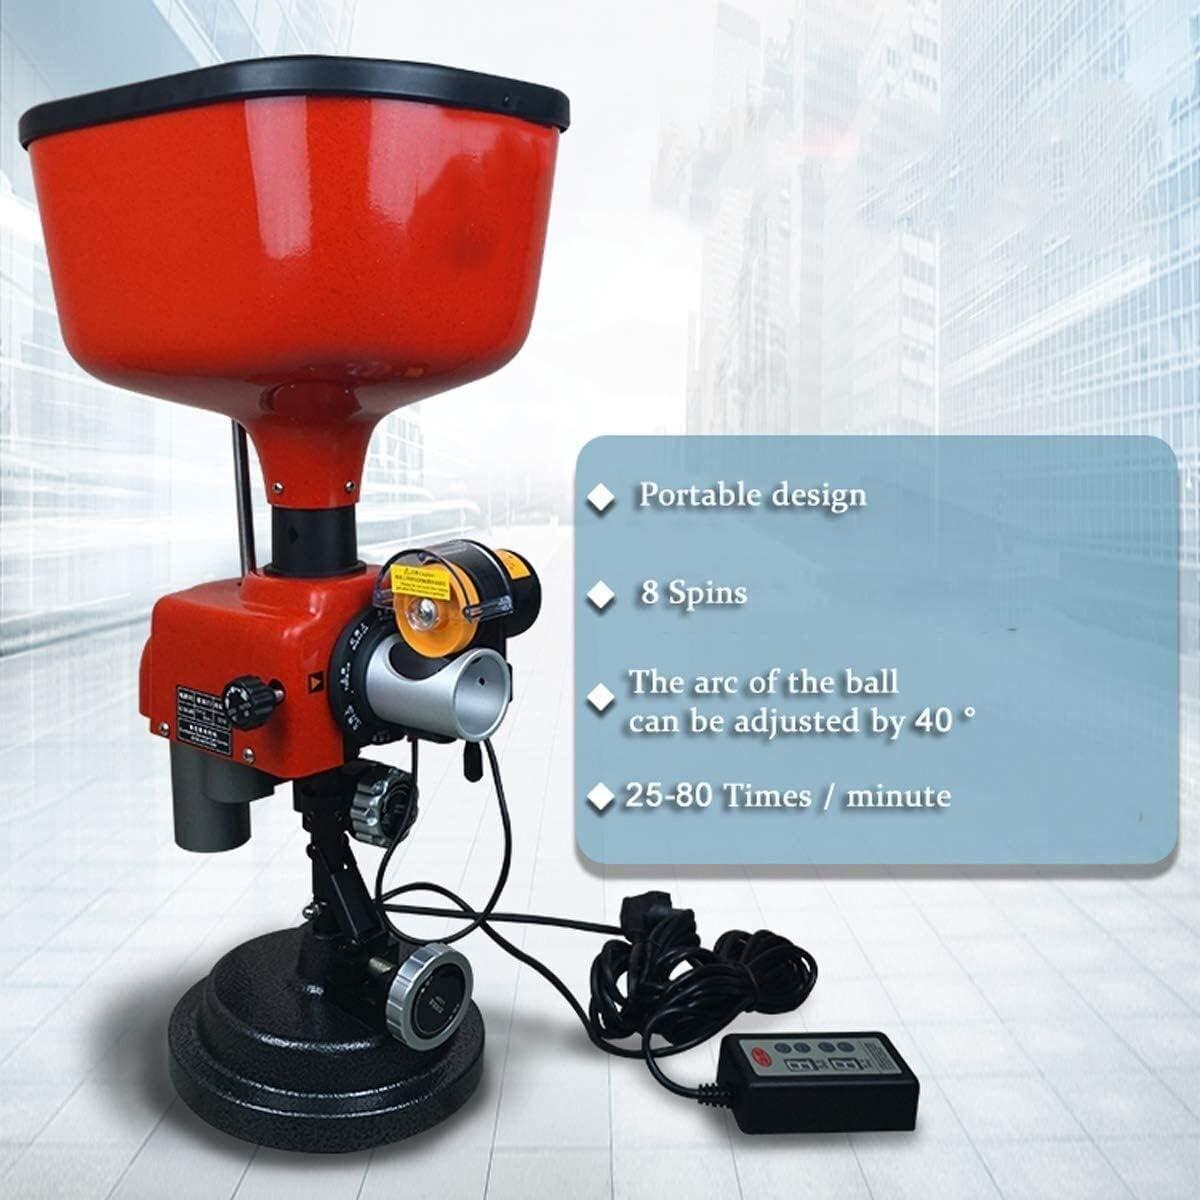 KDKDA Haga Doble Extremo Ping Pong con máquina de Bolas de Ping Pong Mesa automática Máquina for la Formación de Ping-Pong Robot Máquina con el Controlador de la Bola del Arco Lanzador/Lanzador/ti